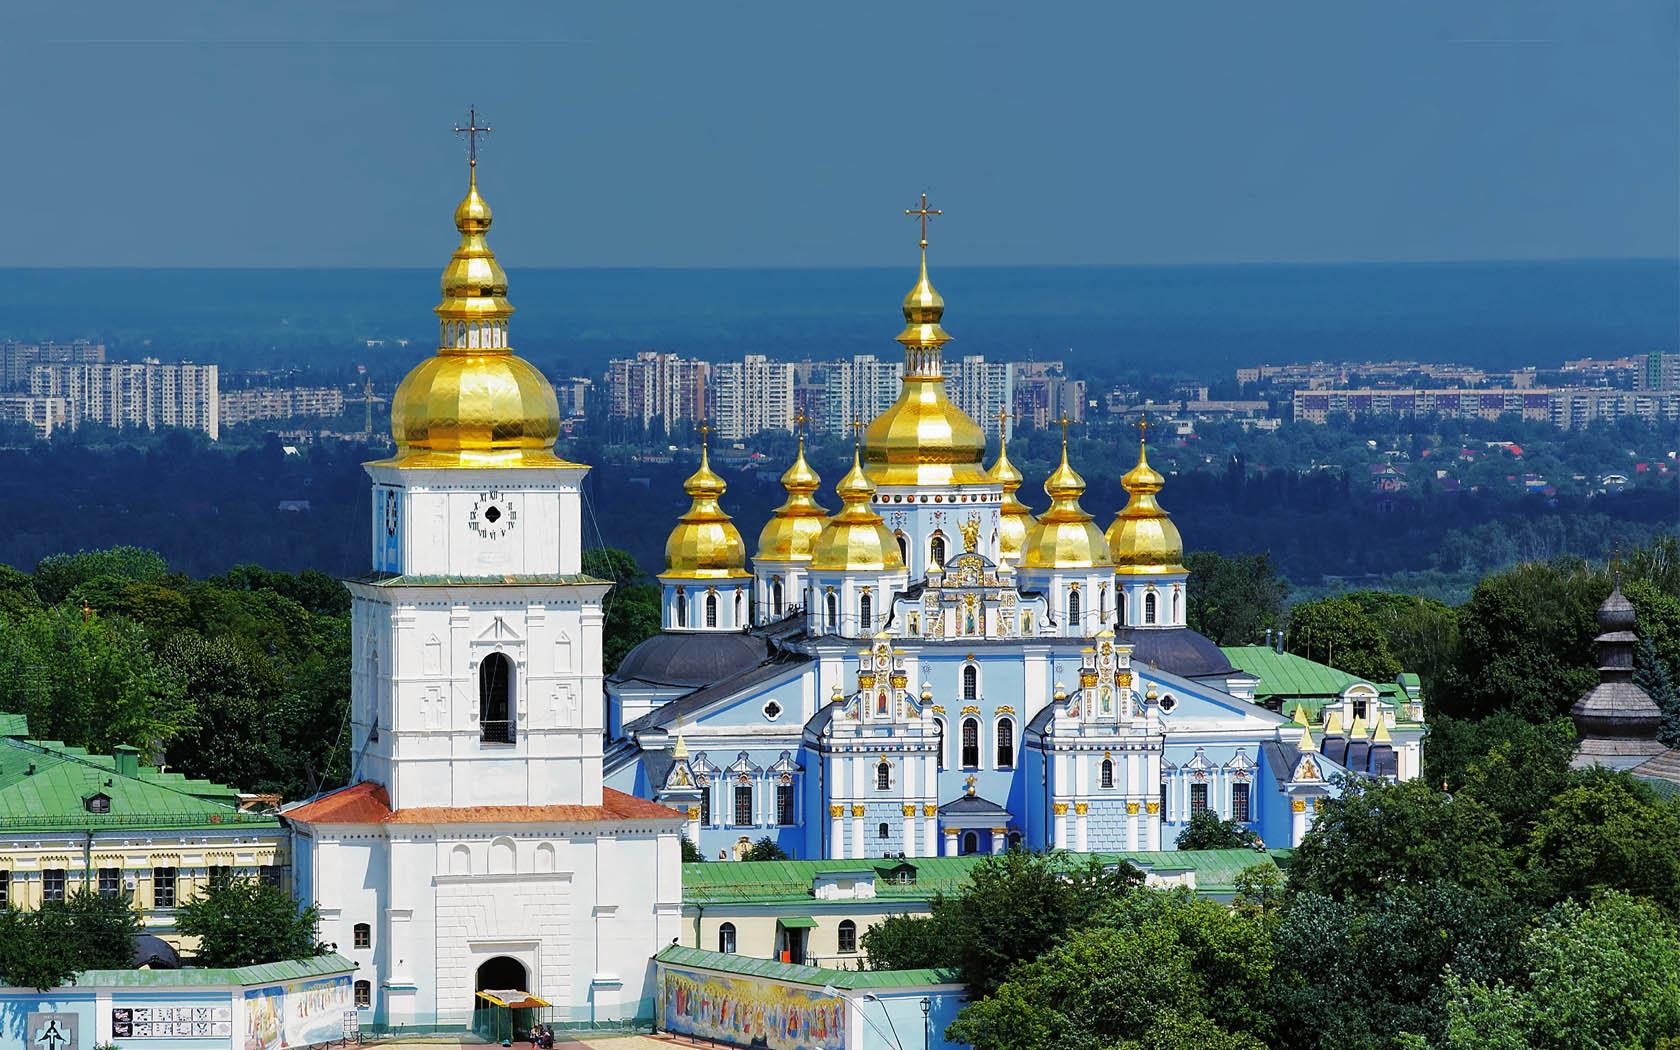 Ukraynanın en değerli ve en pahalı madeni parası